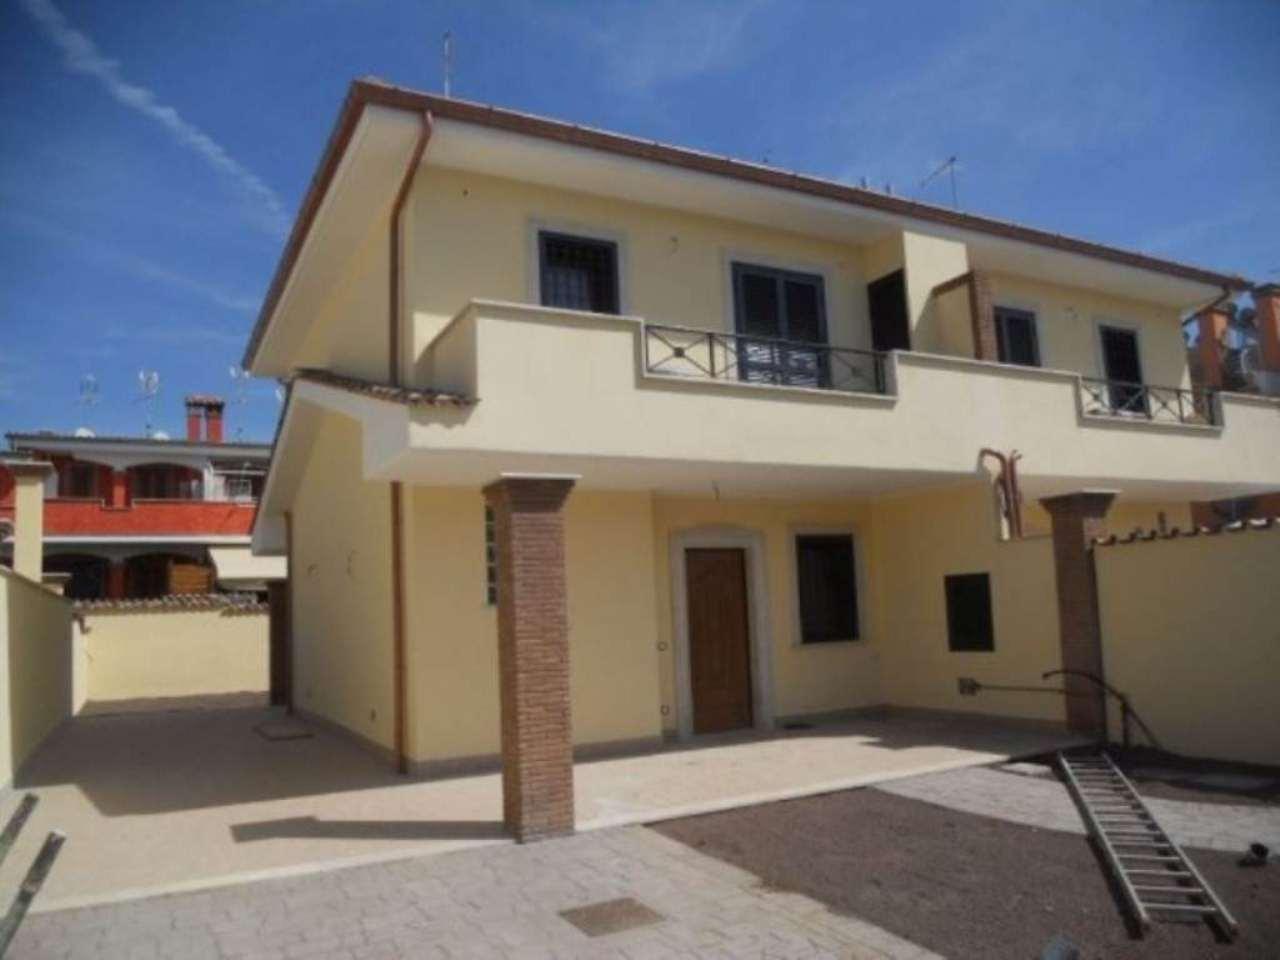 Villa in vendita a Pomezia, 4 locali, prezzo € 239.000 | Cambio Casa.it